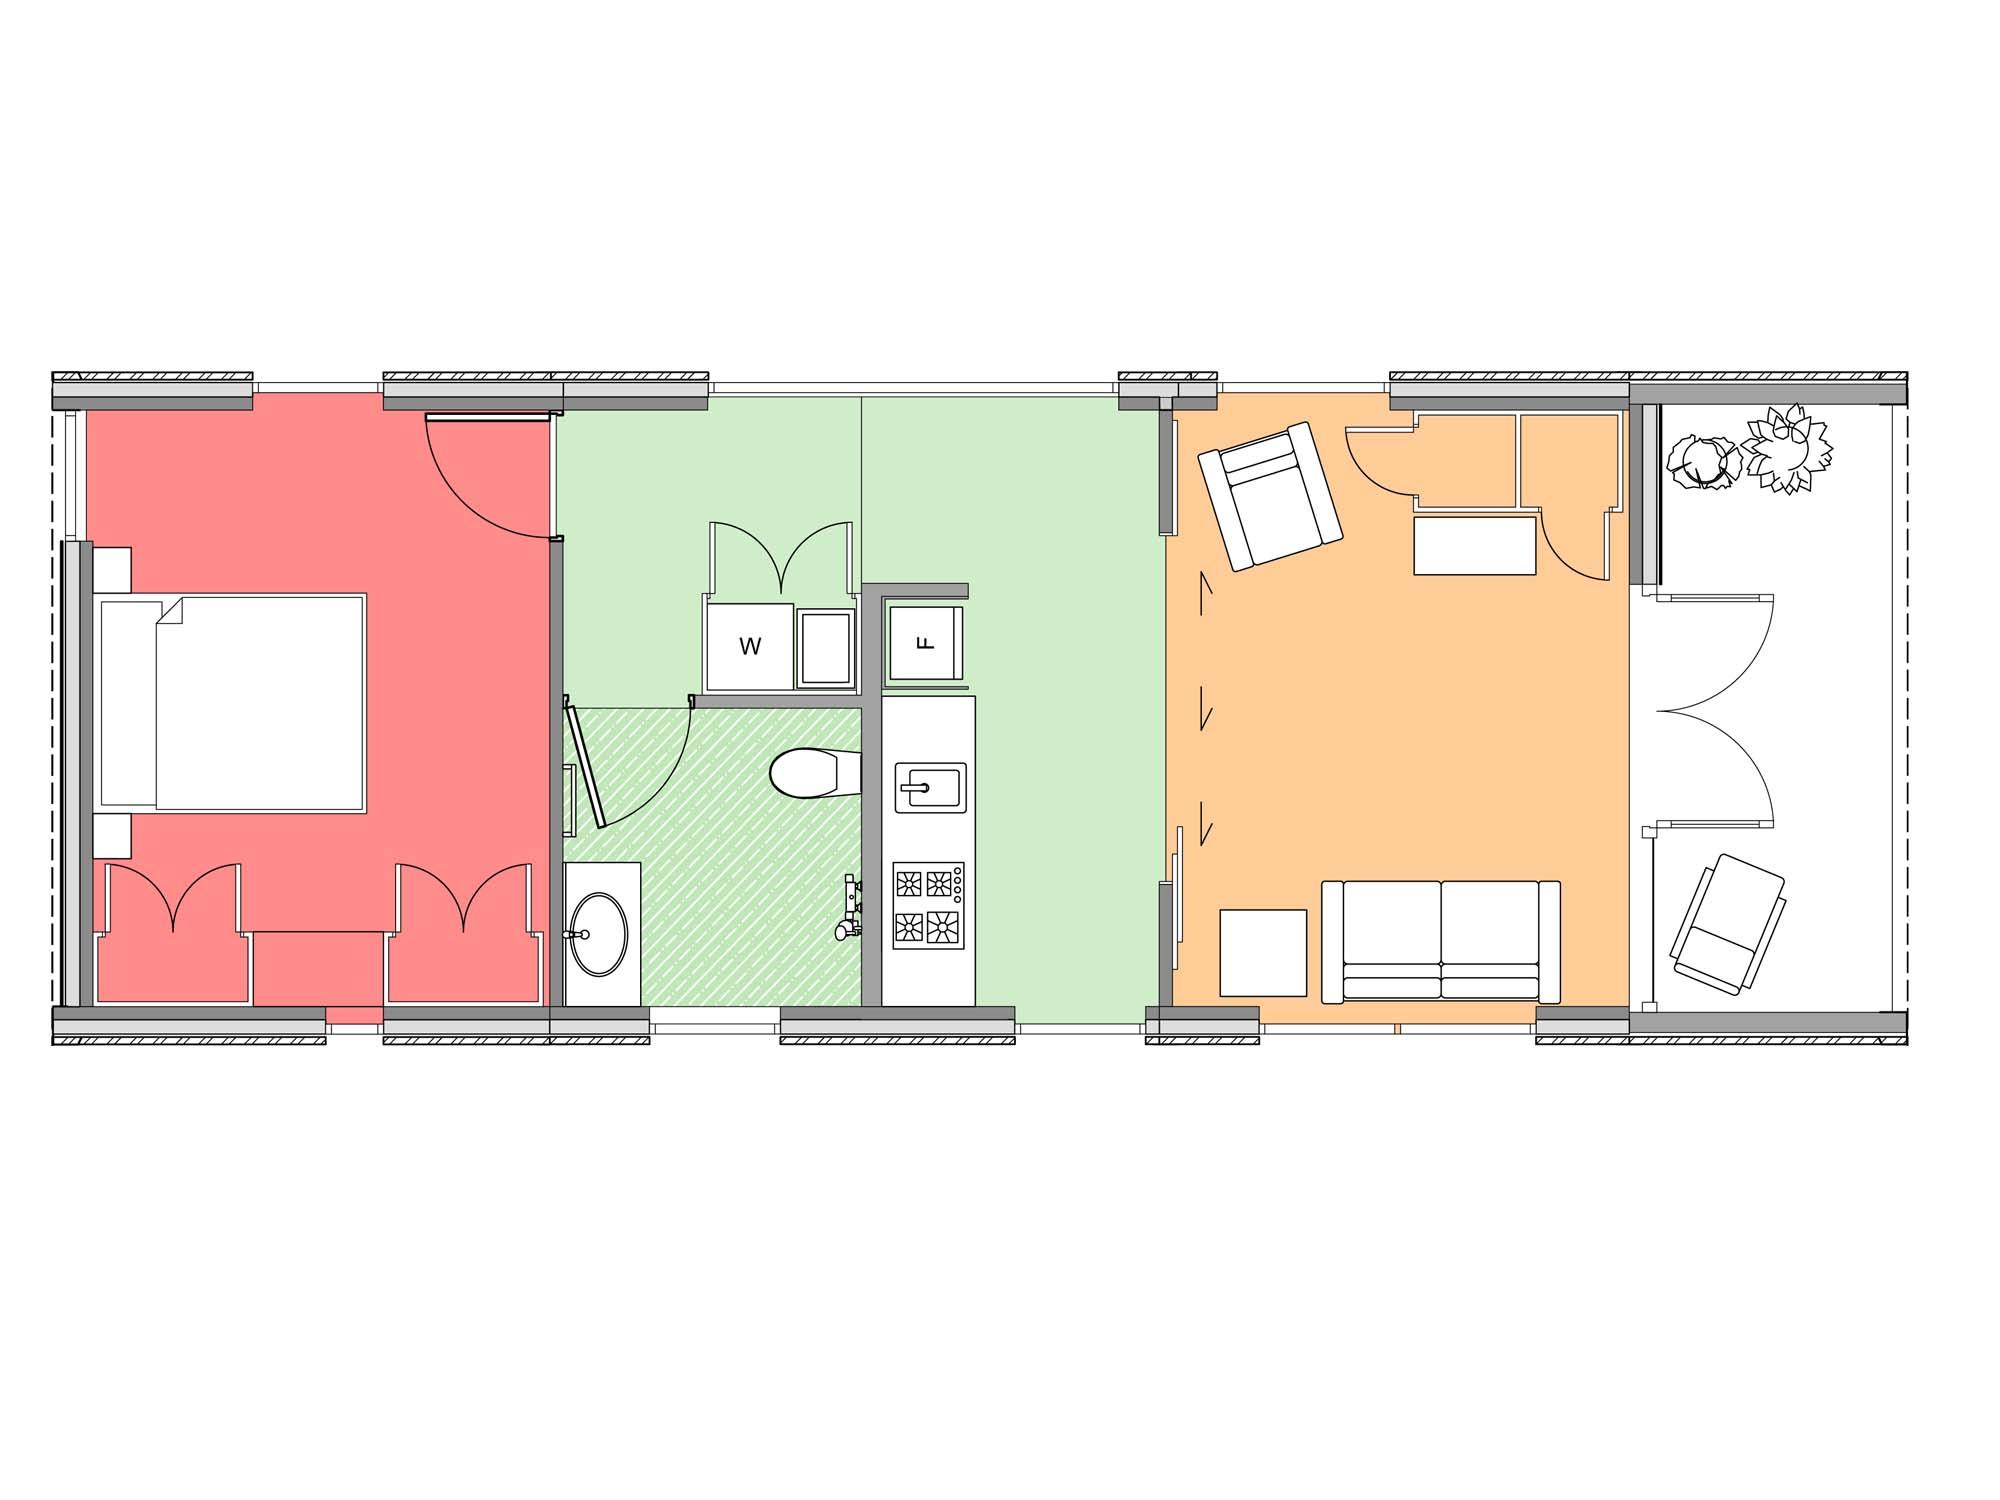 Plan of Te Whare-iti TWI 12